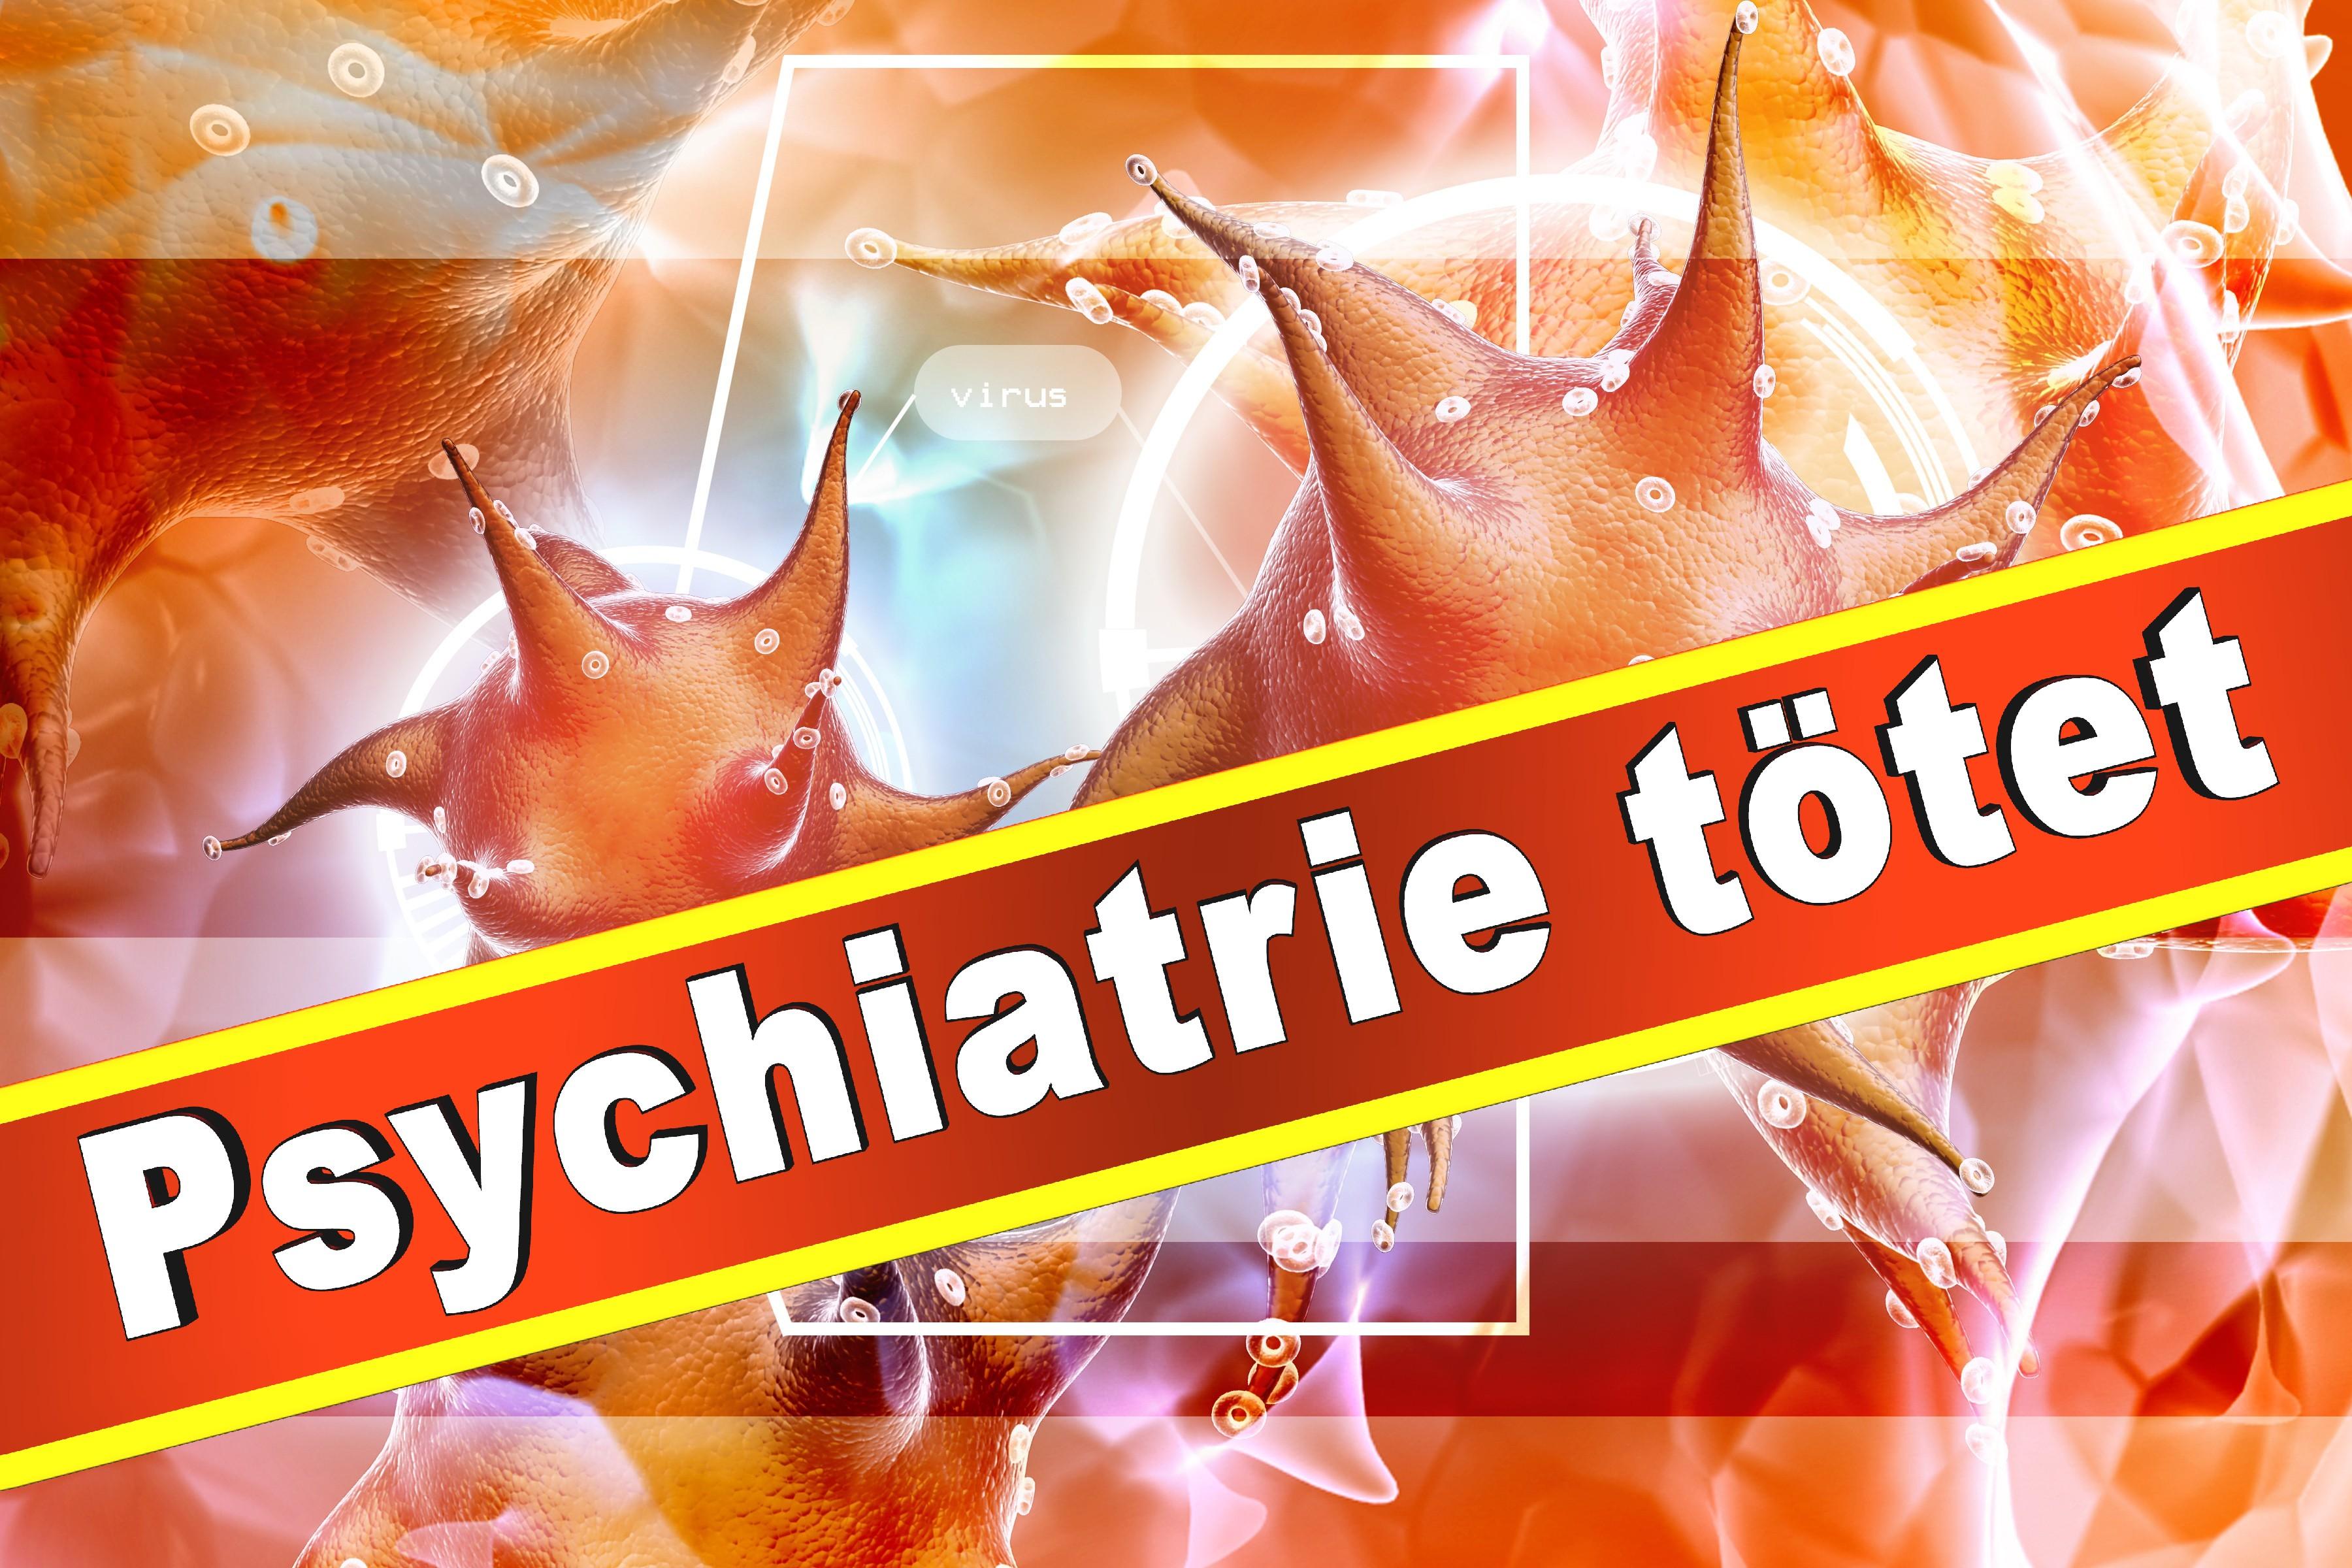 Medizinische Rehabilitation EvKB Wirtschaftsdienste Psychiatrie